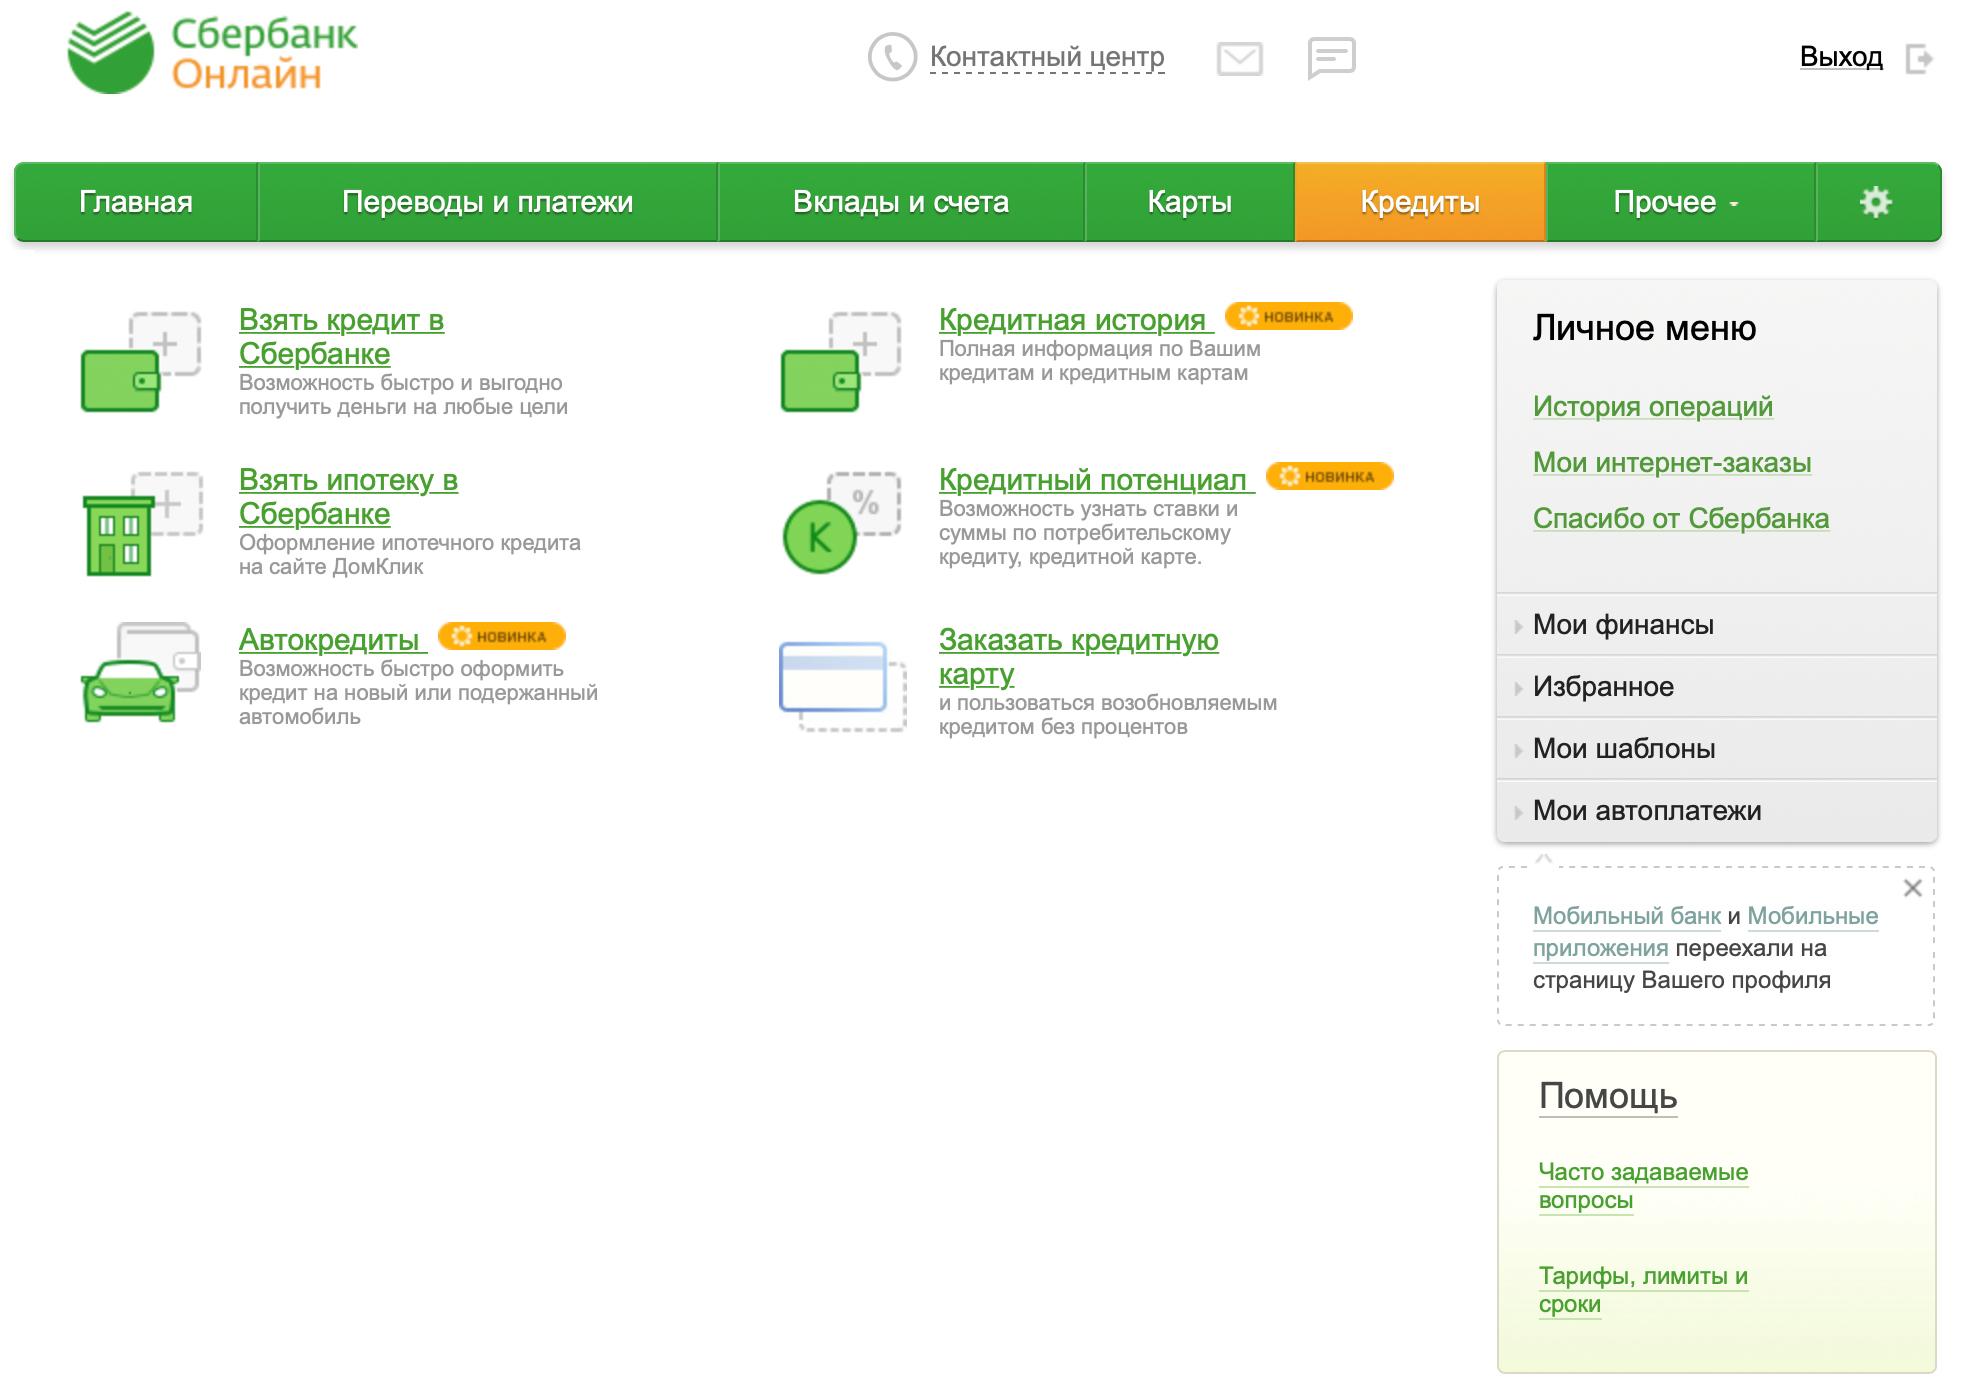 Как взять кредит в сбербанке онлайн заявка с телефона